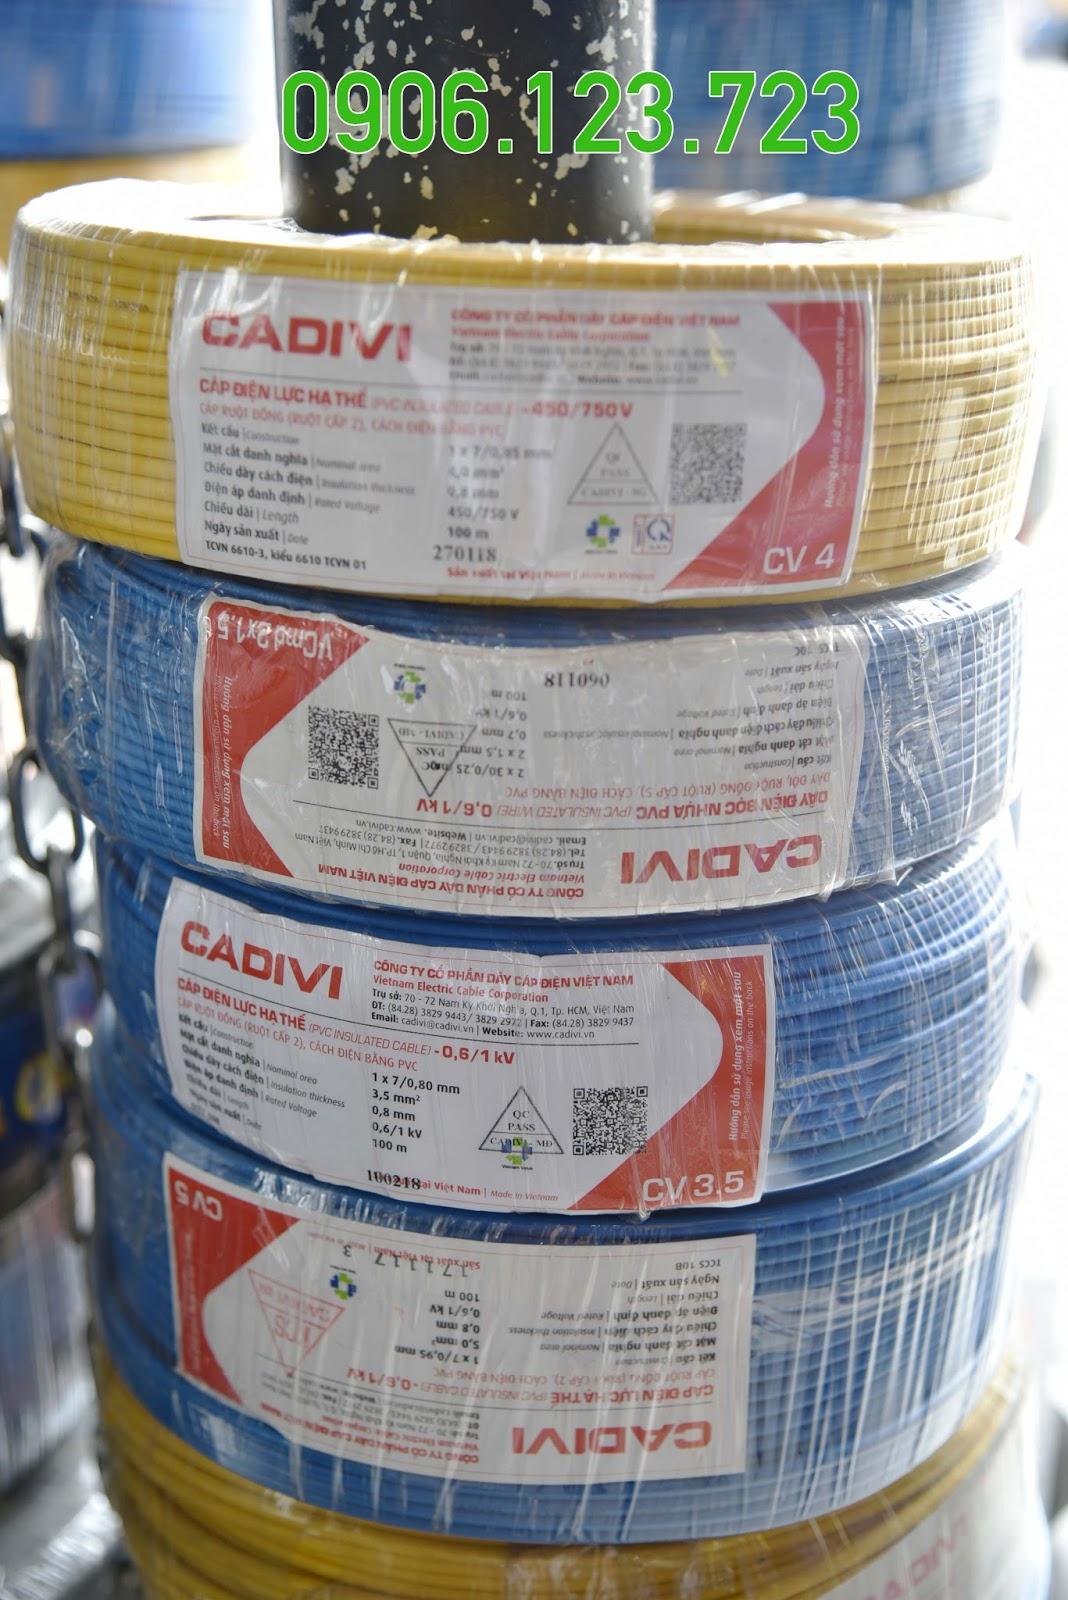 Địa chỉ bán dây điện Cadivi tại miền Nam